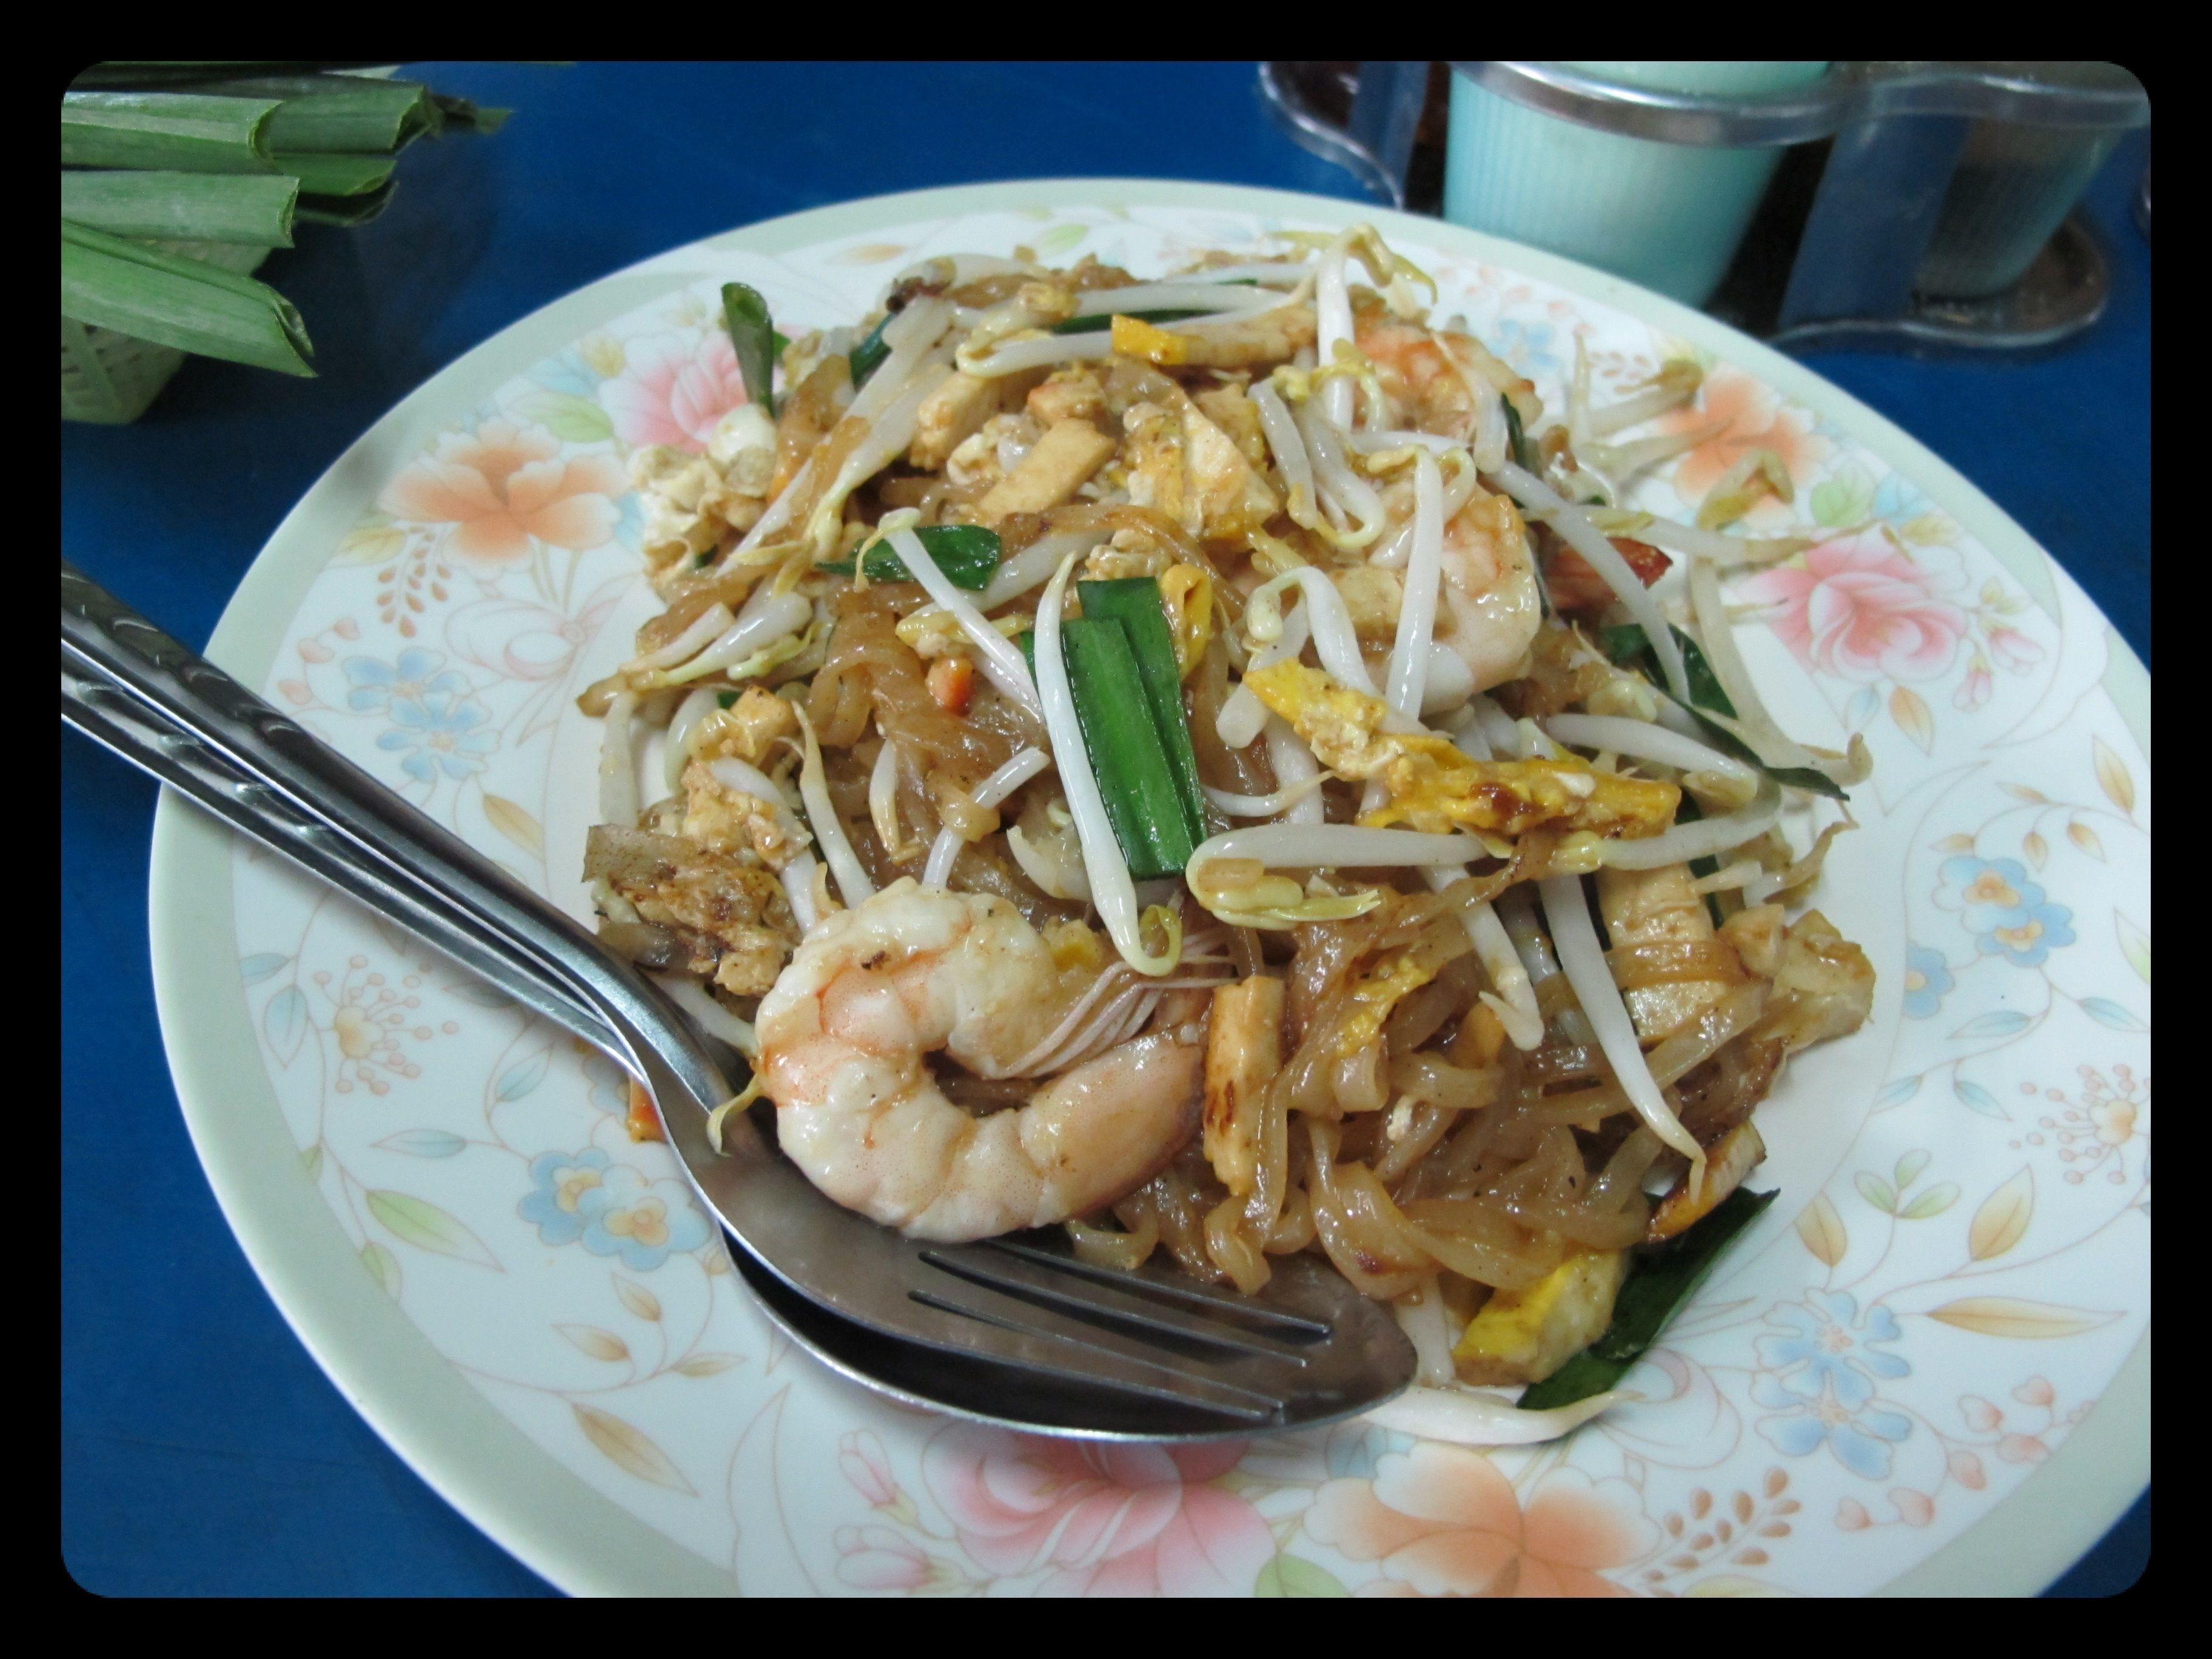 Spécialité de la cuisine thaïlandaise : le padthai aux crevettes